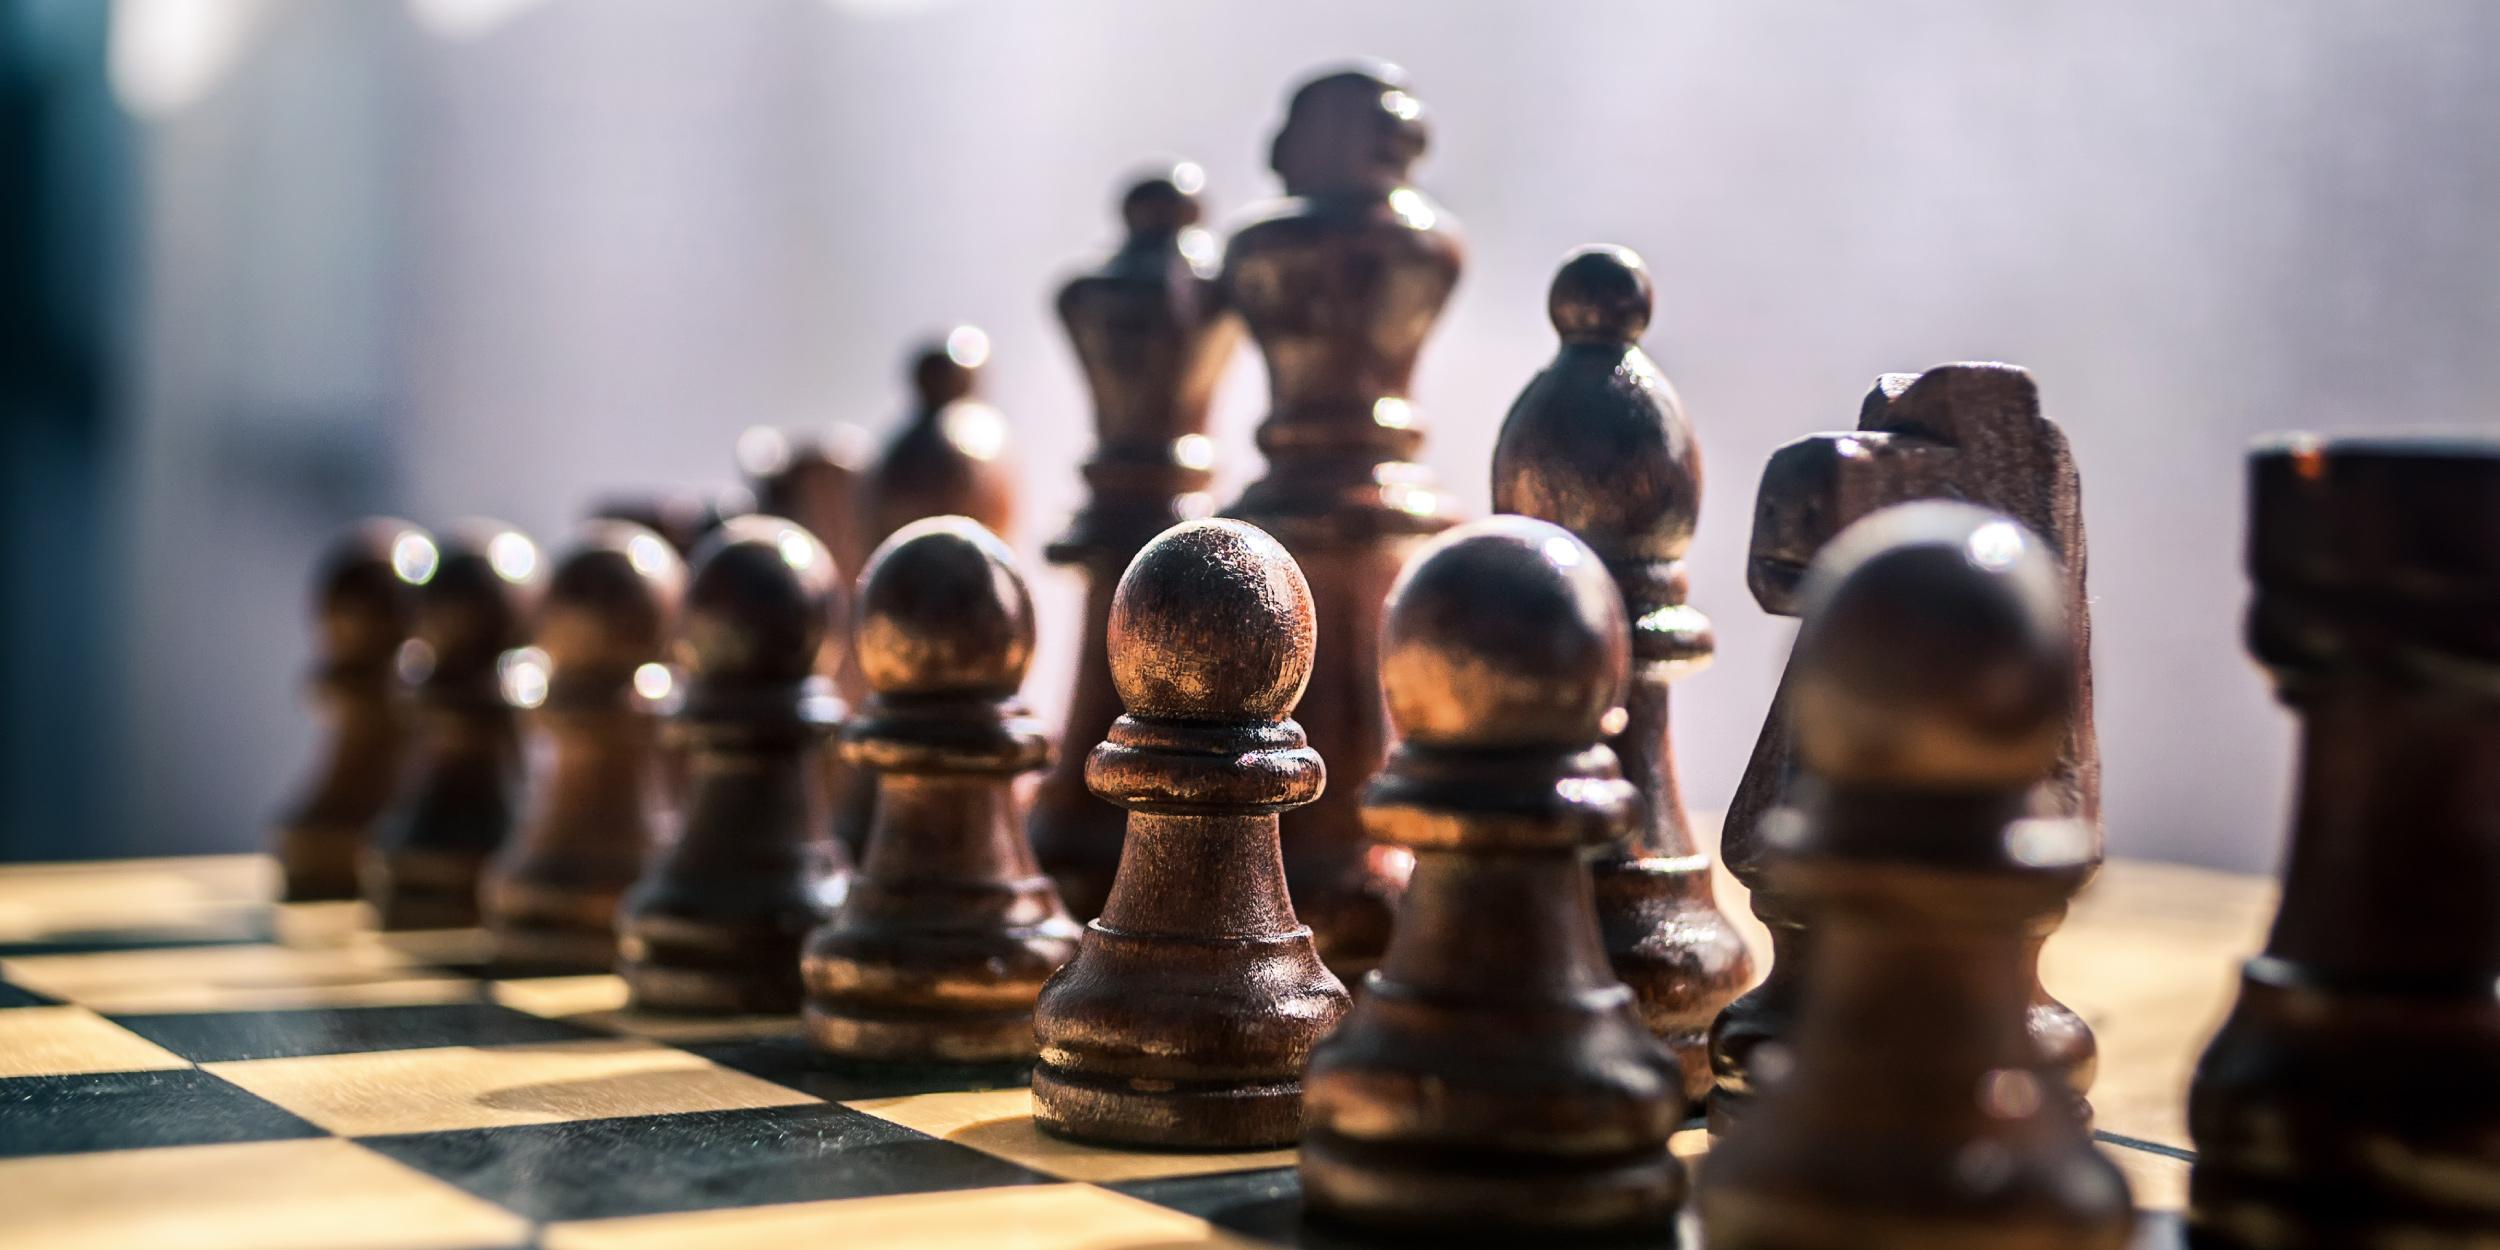 Шахматы | играть с компьютером бесплатно на весь экран онлайн